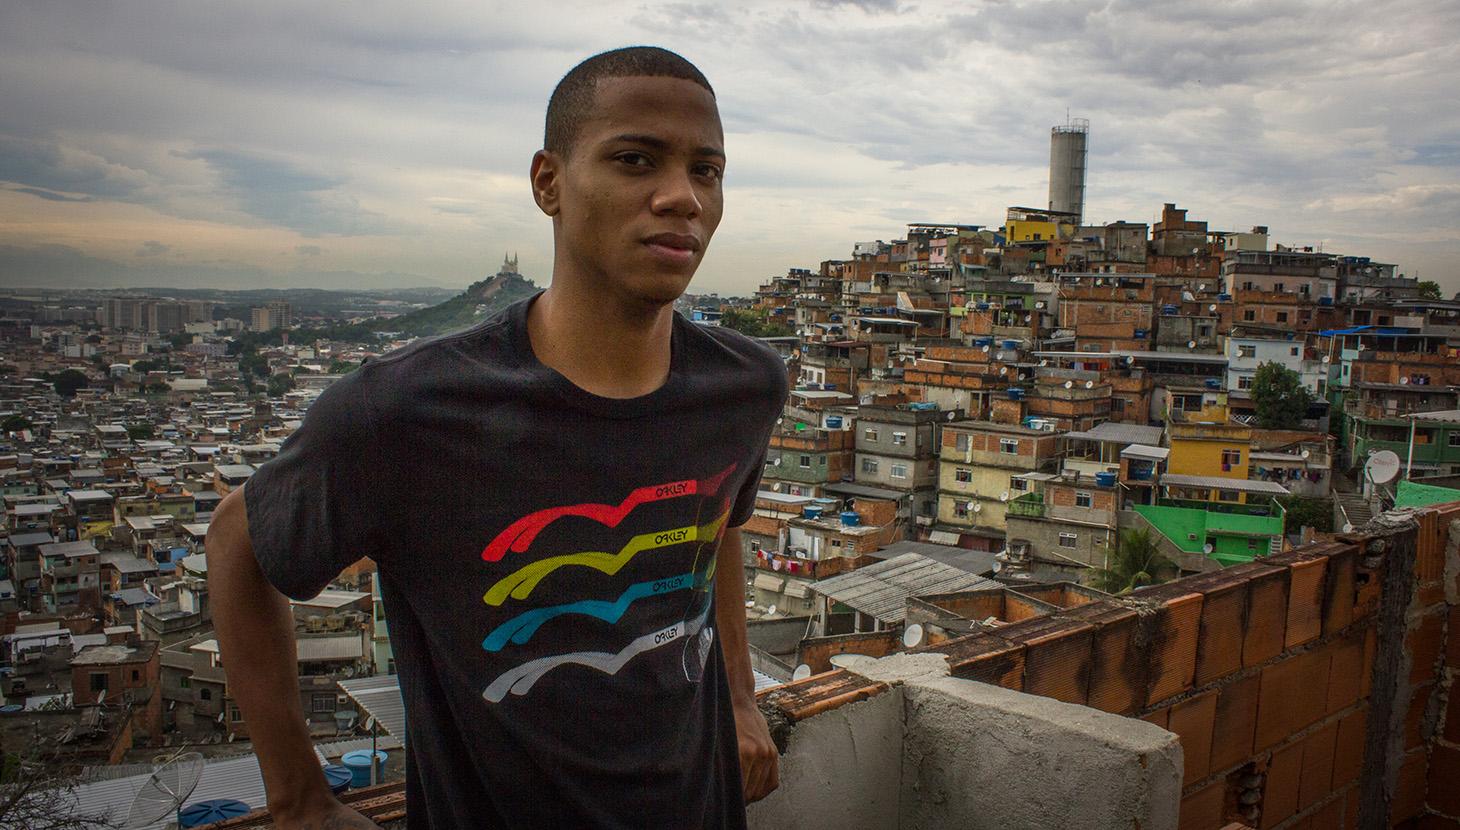 favela-Jorge O. Patiño